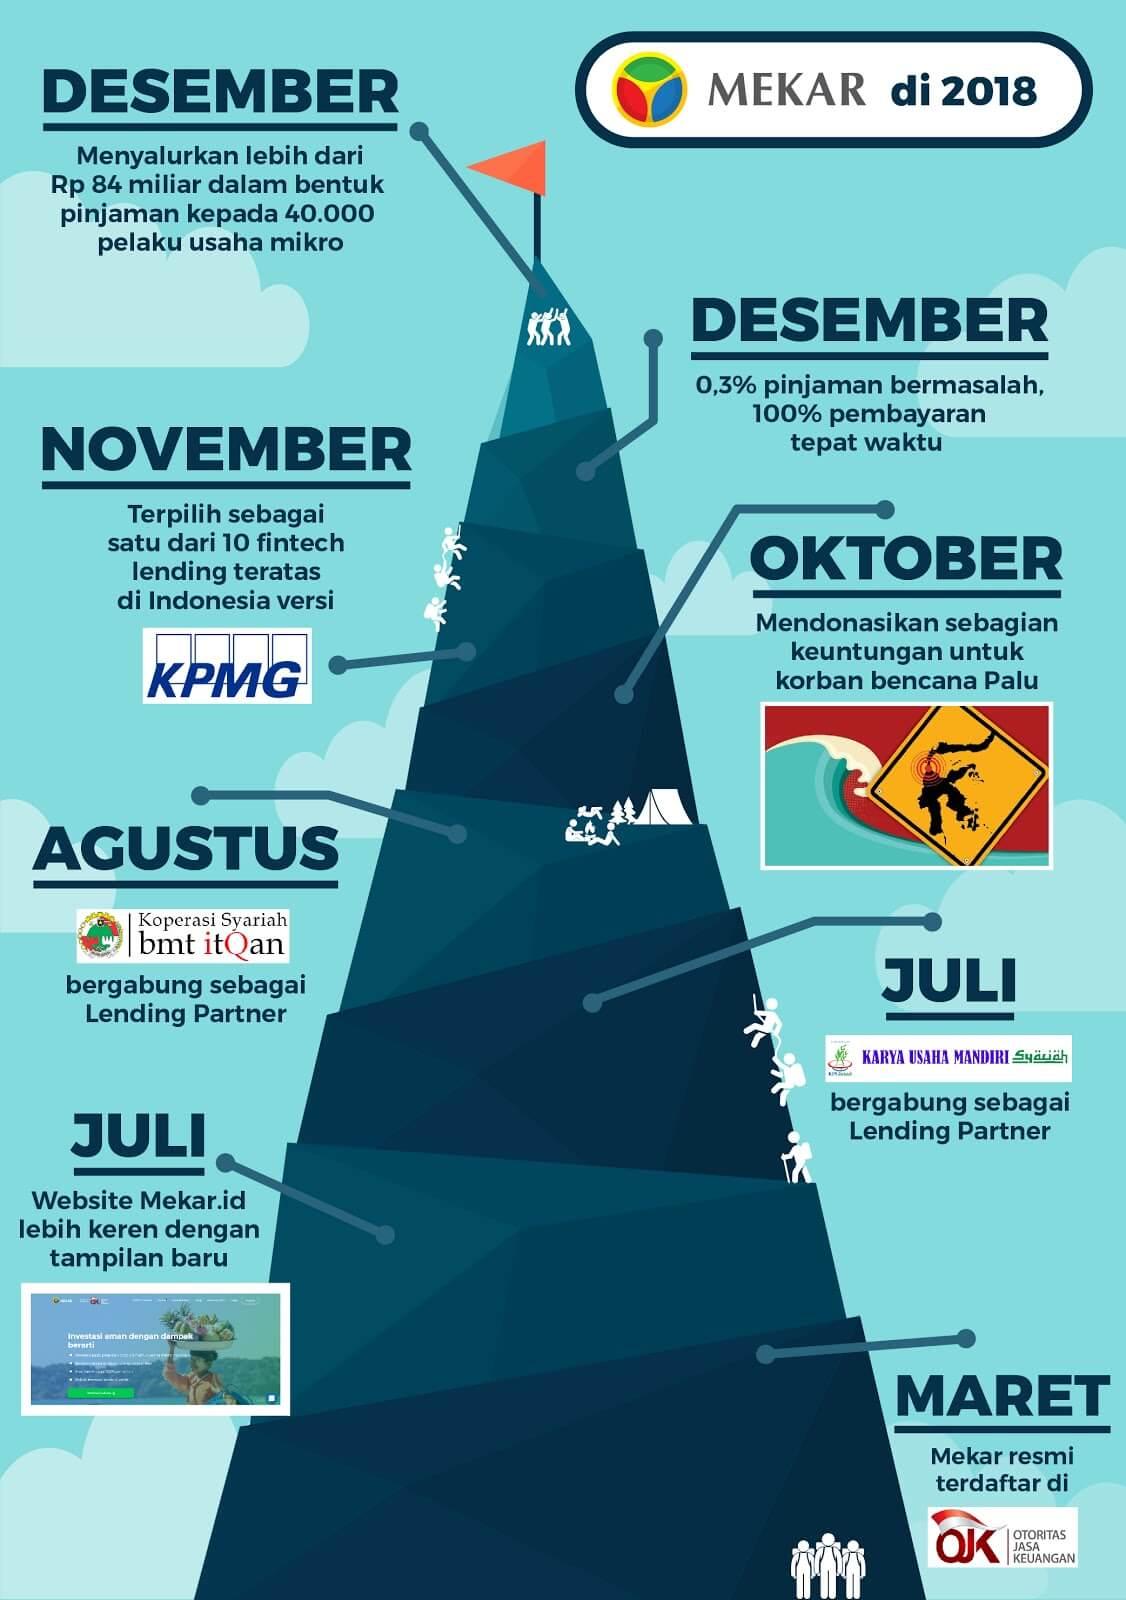 Infografis Mekar di 2018